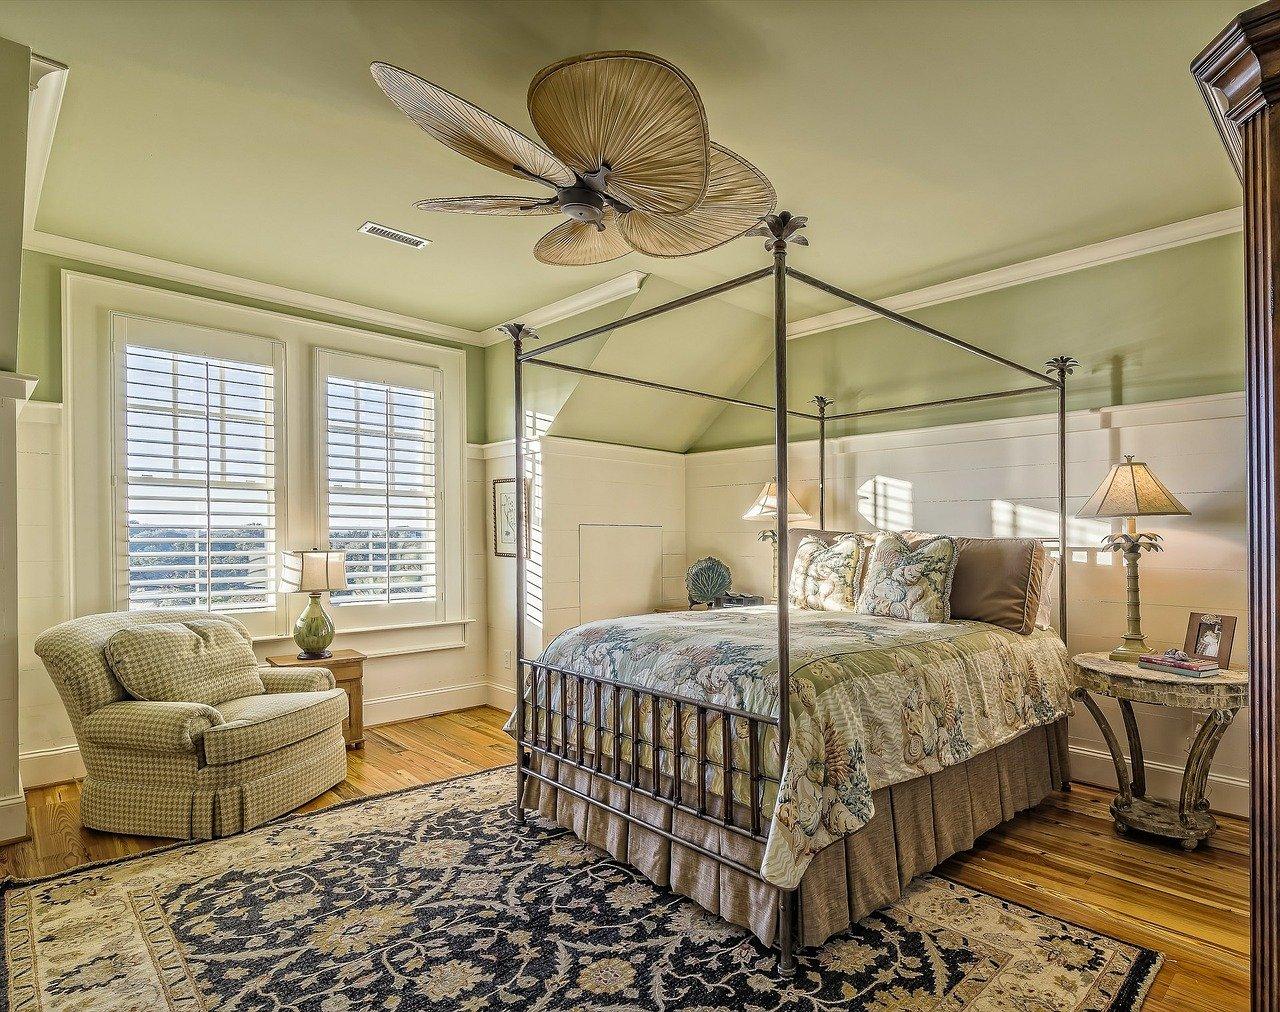 Jak urządzić piękną i stylową sypialnię? - Zdjęcie główne